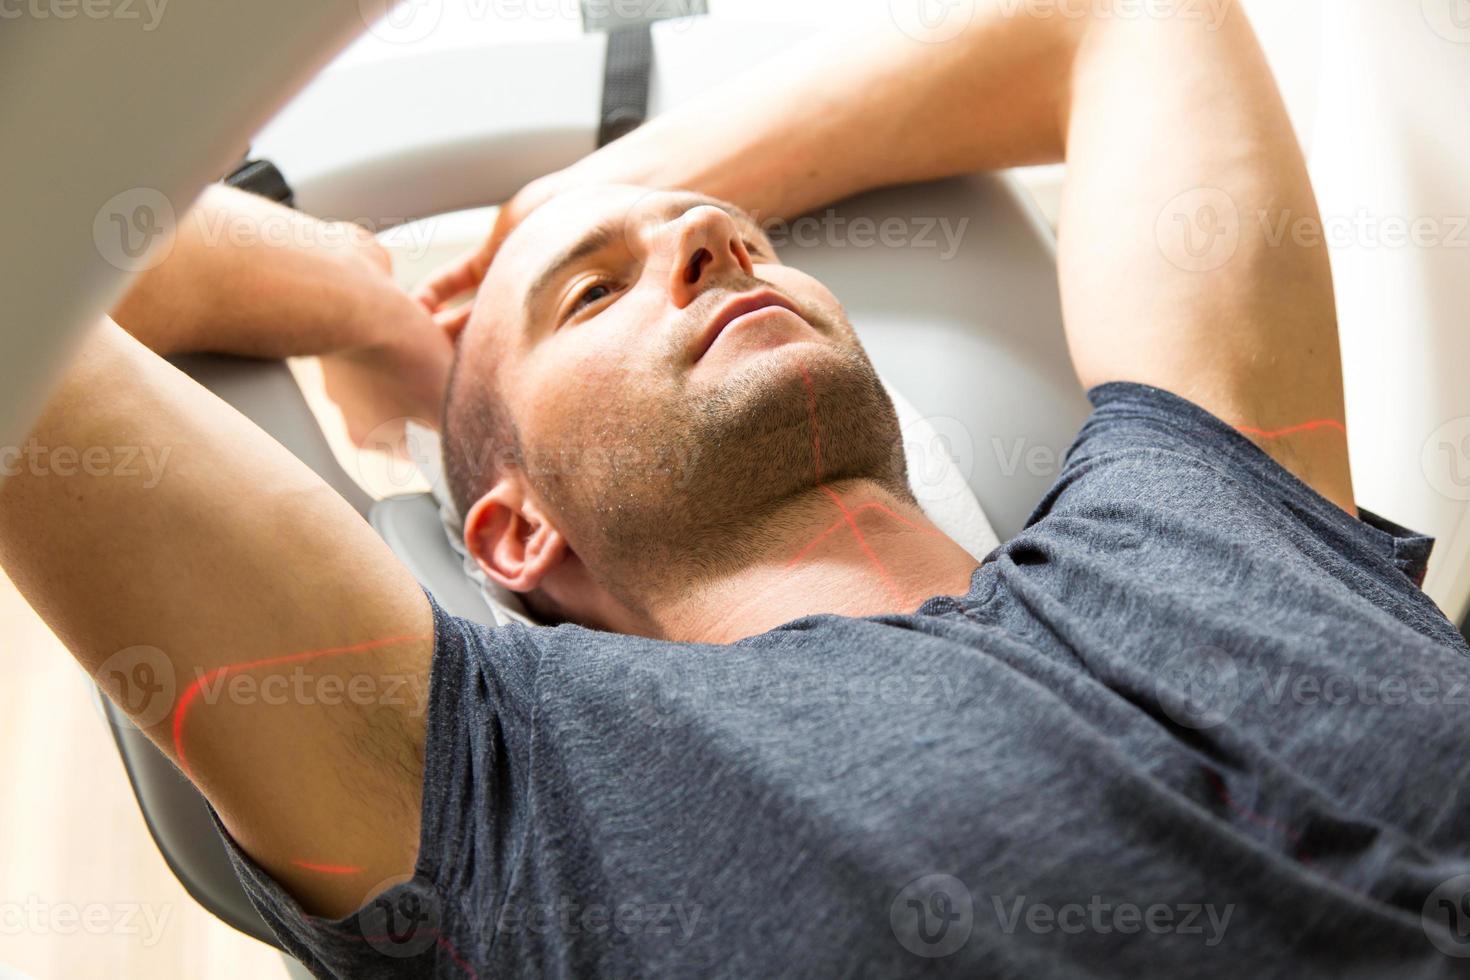 patiënt onderzocht in tomografie ct bij radiologie foto